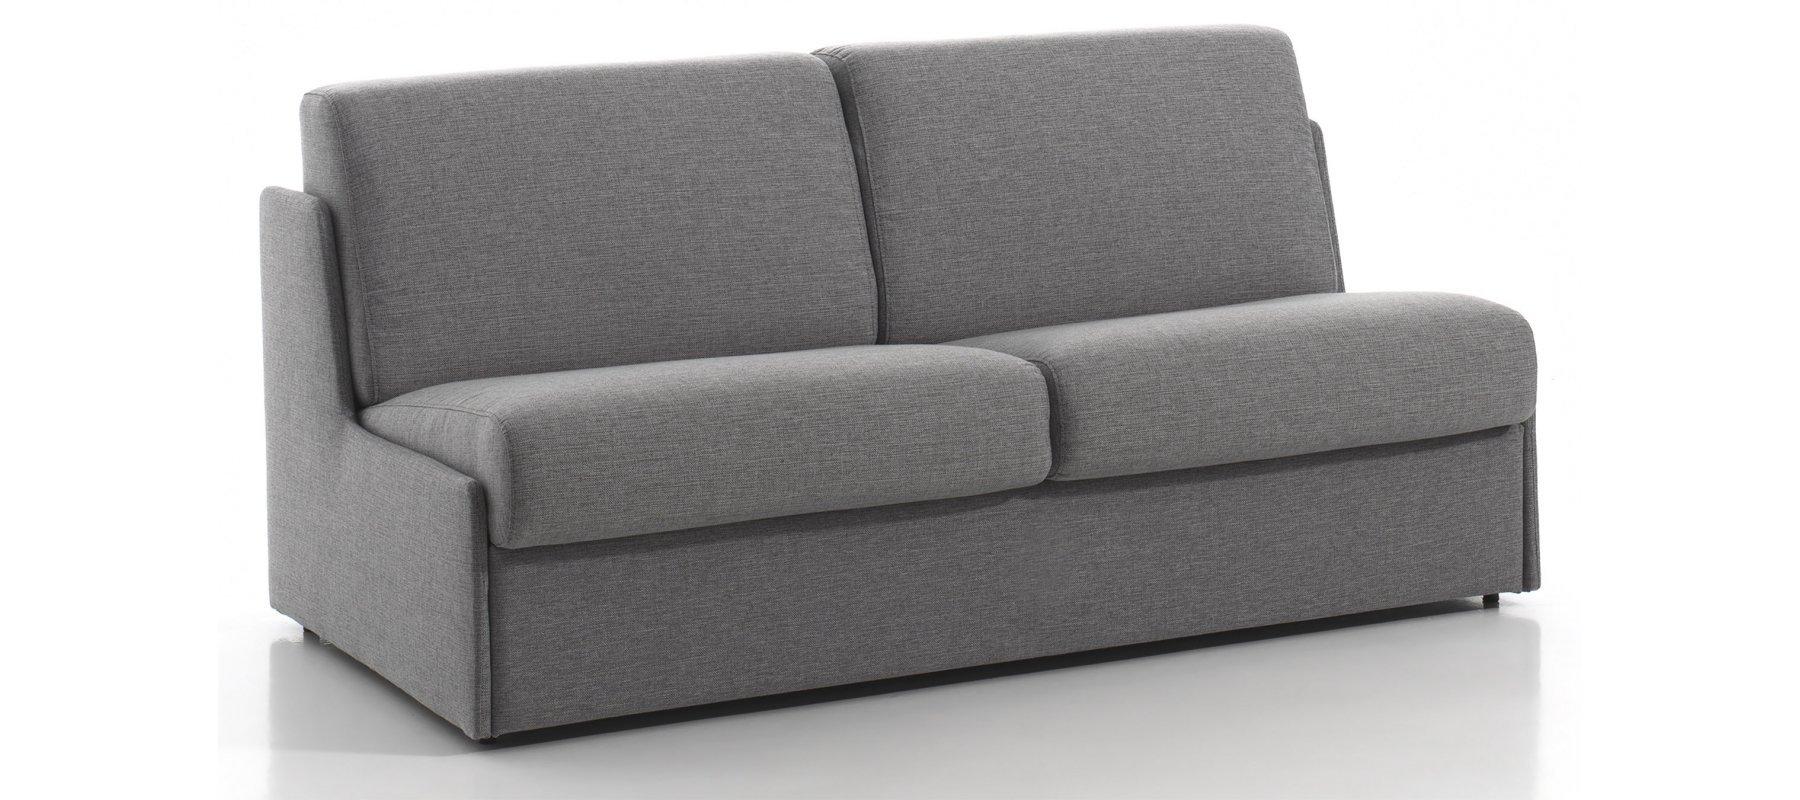 canap convertible 140cm rapido marseille sans accoudoirs gain de place. Black Bedroom Furniture Sets. Home Design Ideas